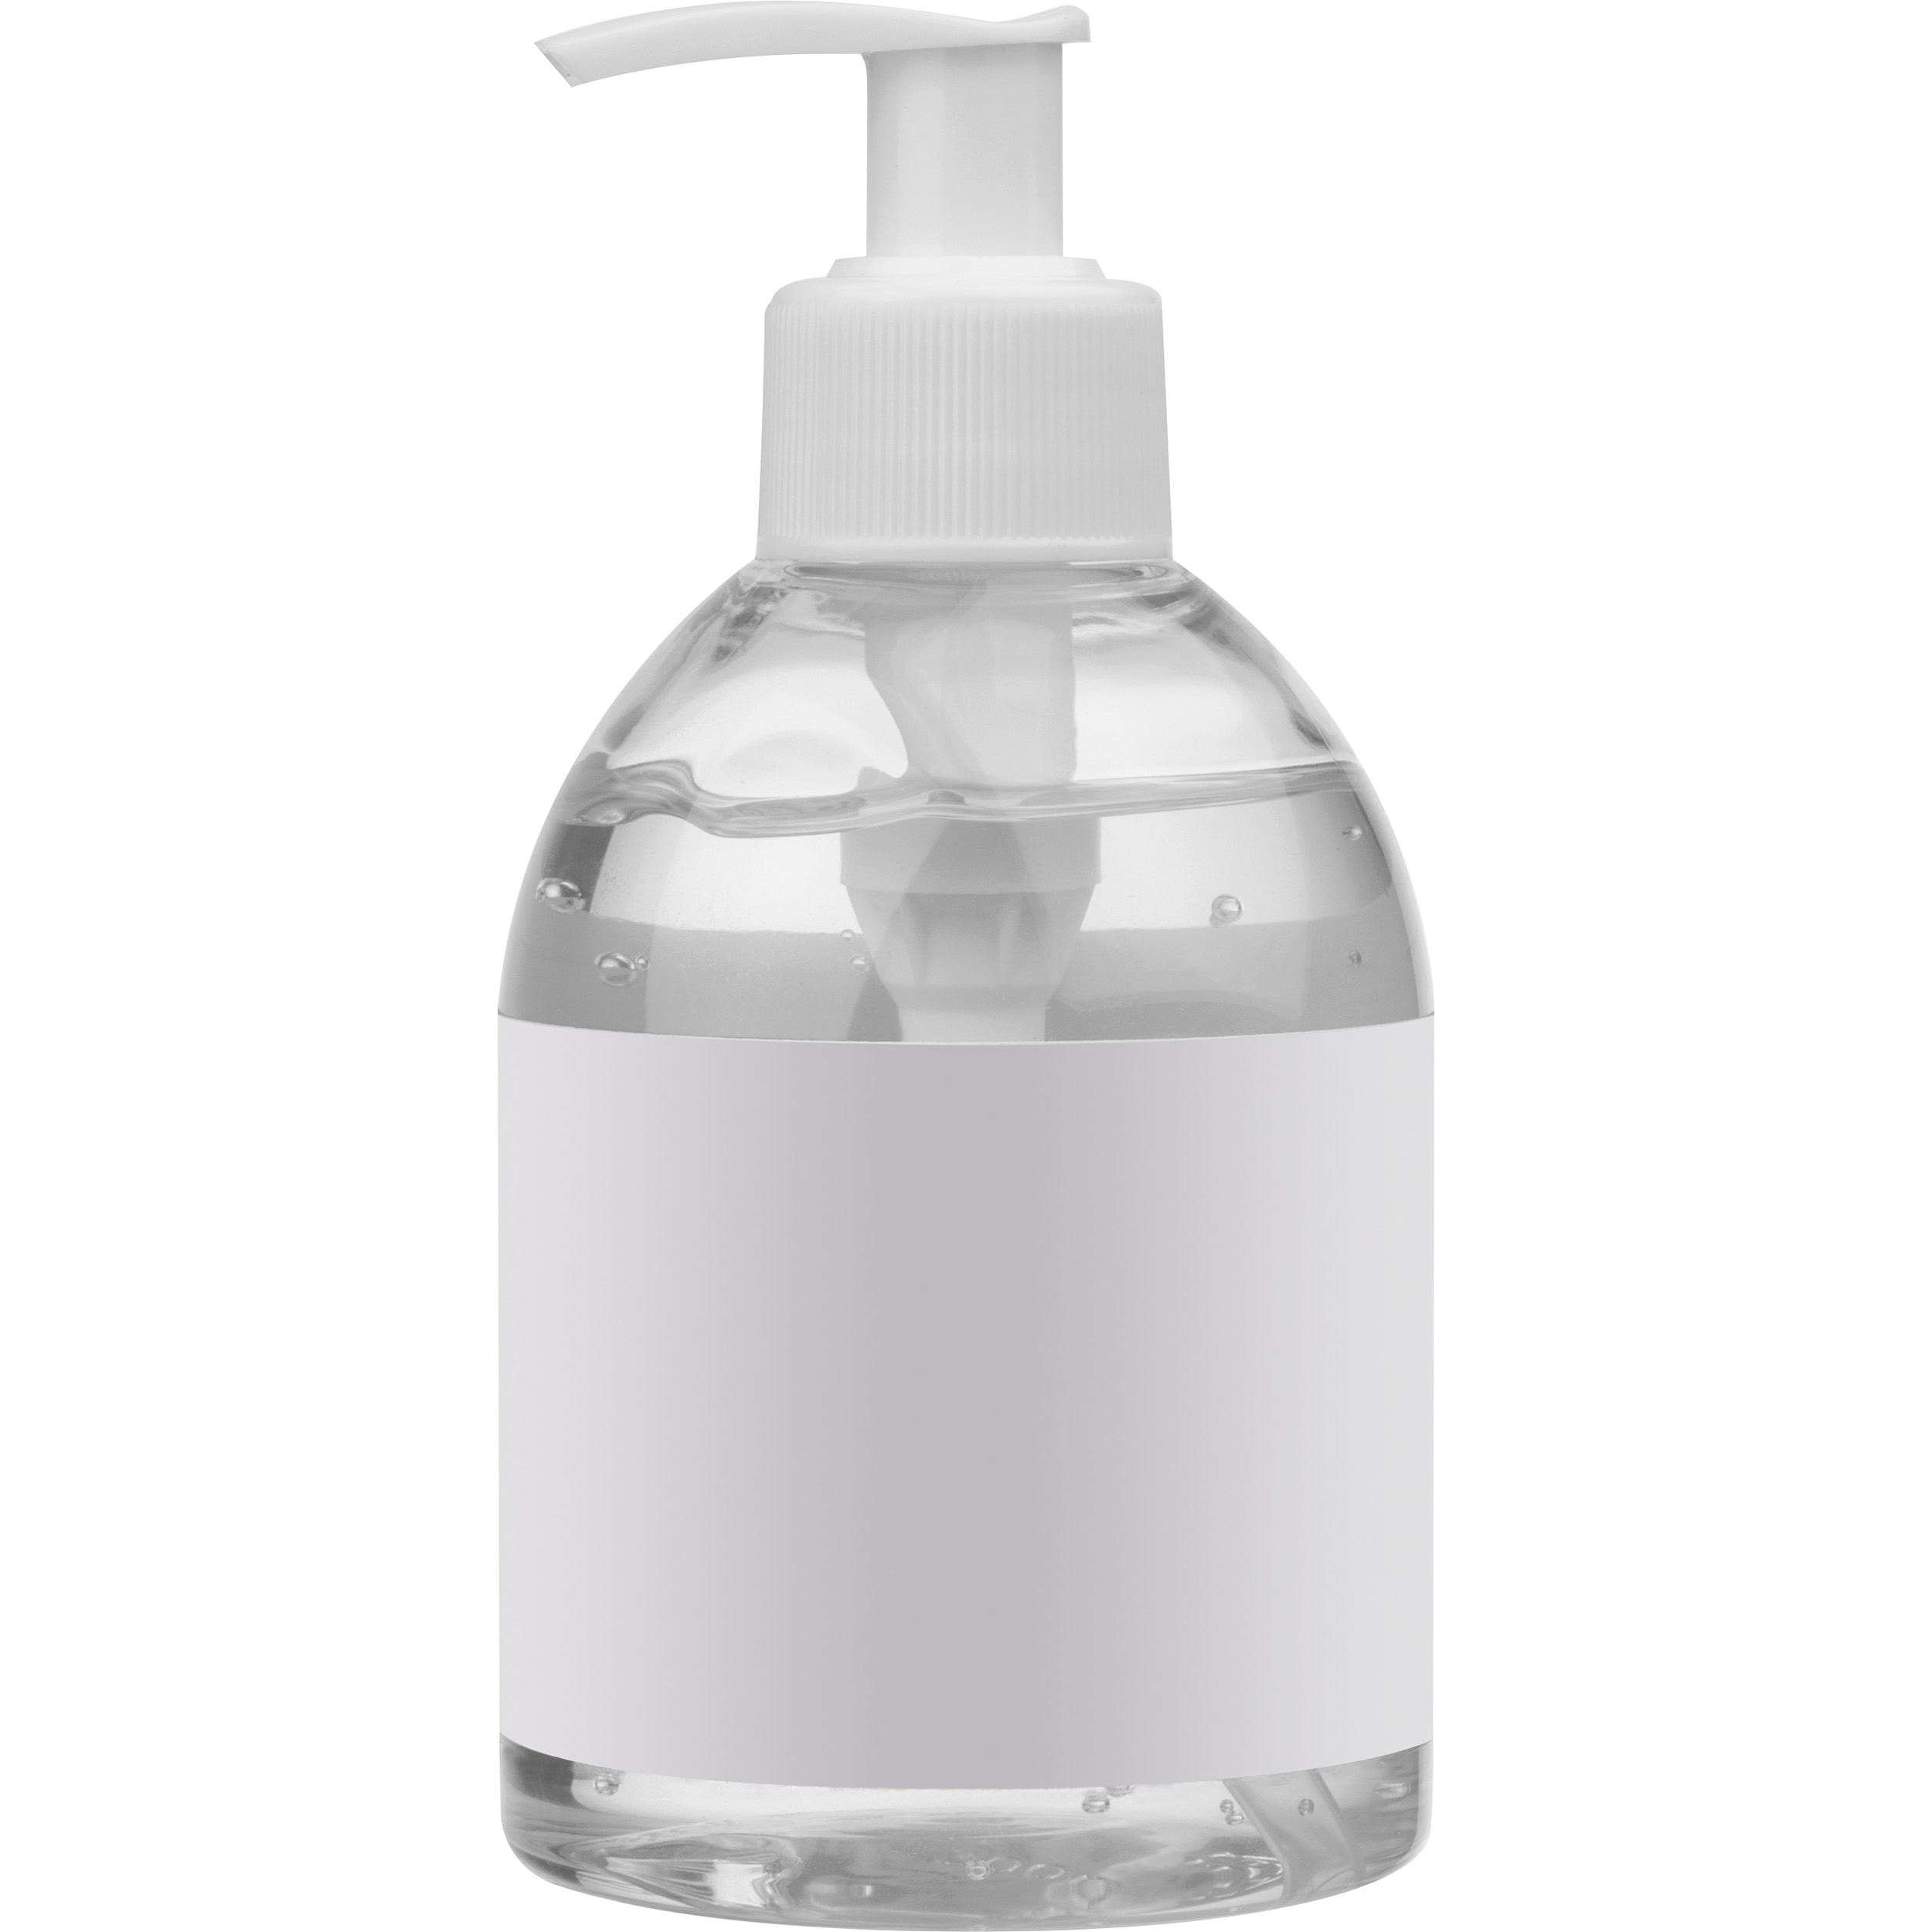 Desinfektionsgelspender 300 ml